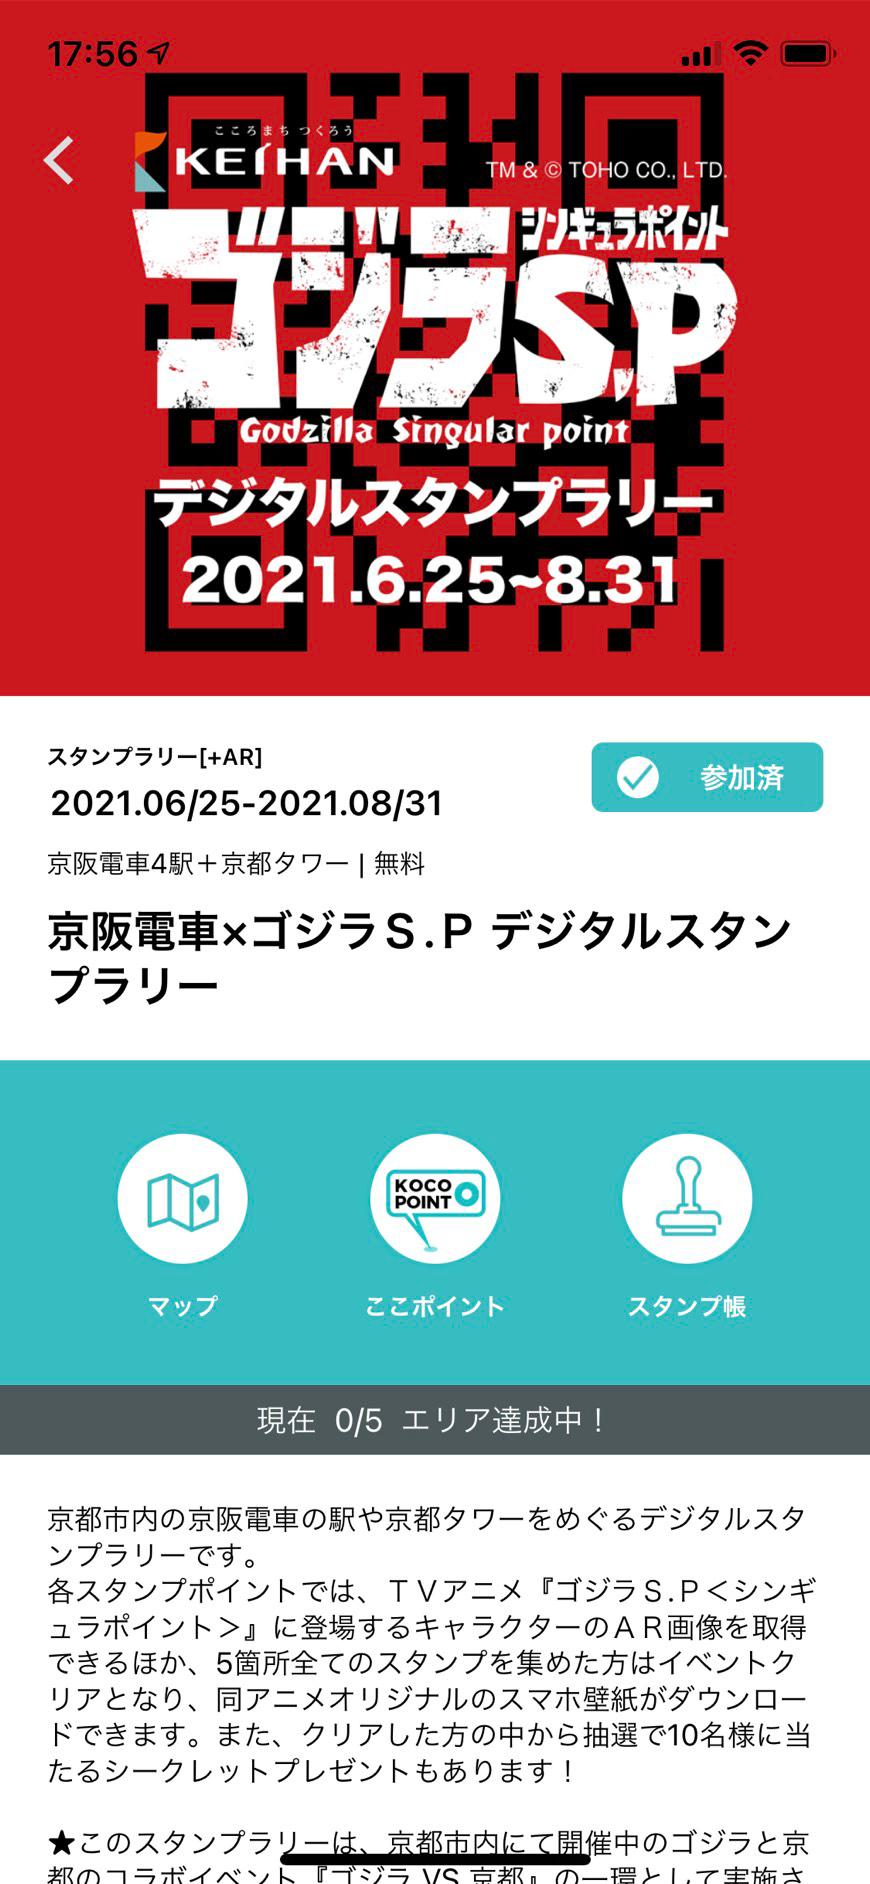 デジタルスタンプラリー画面 イメージ1